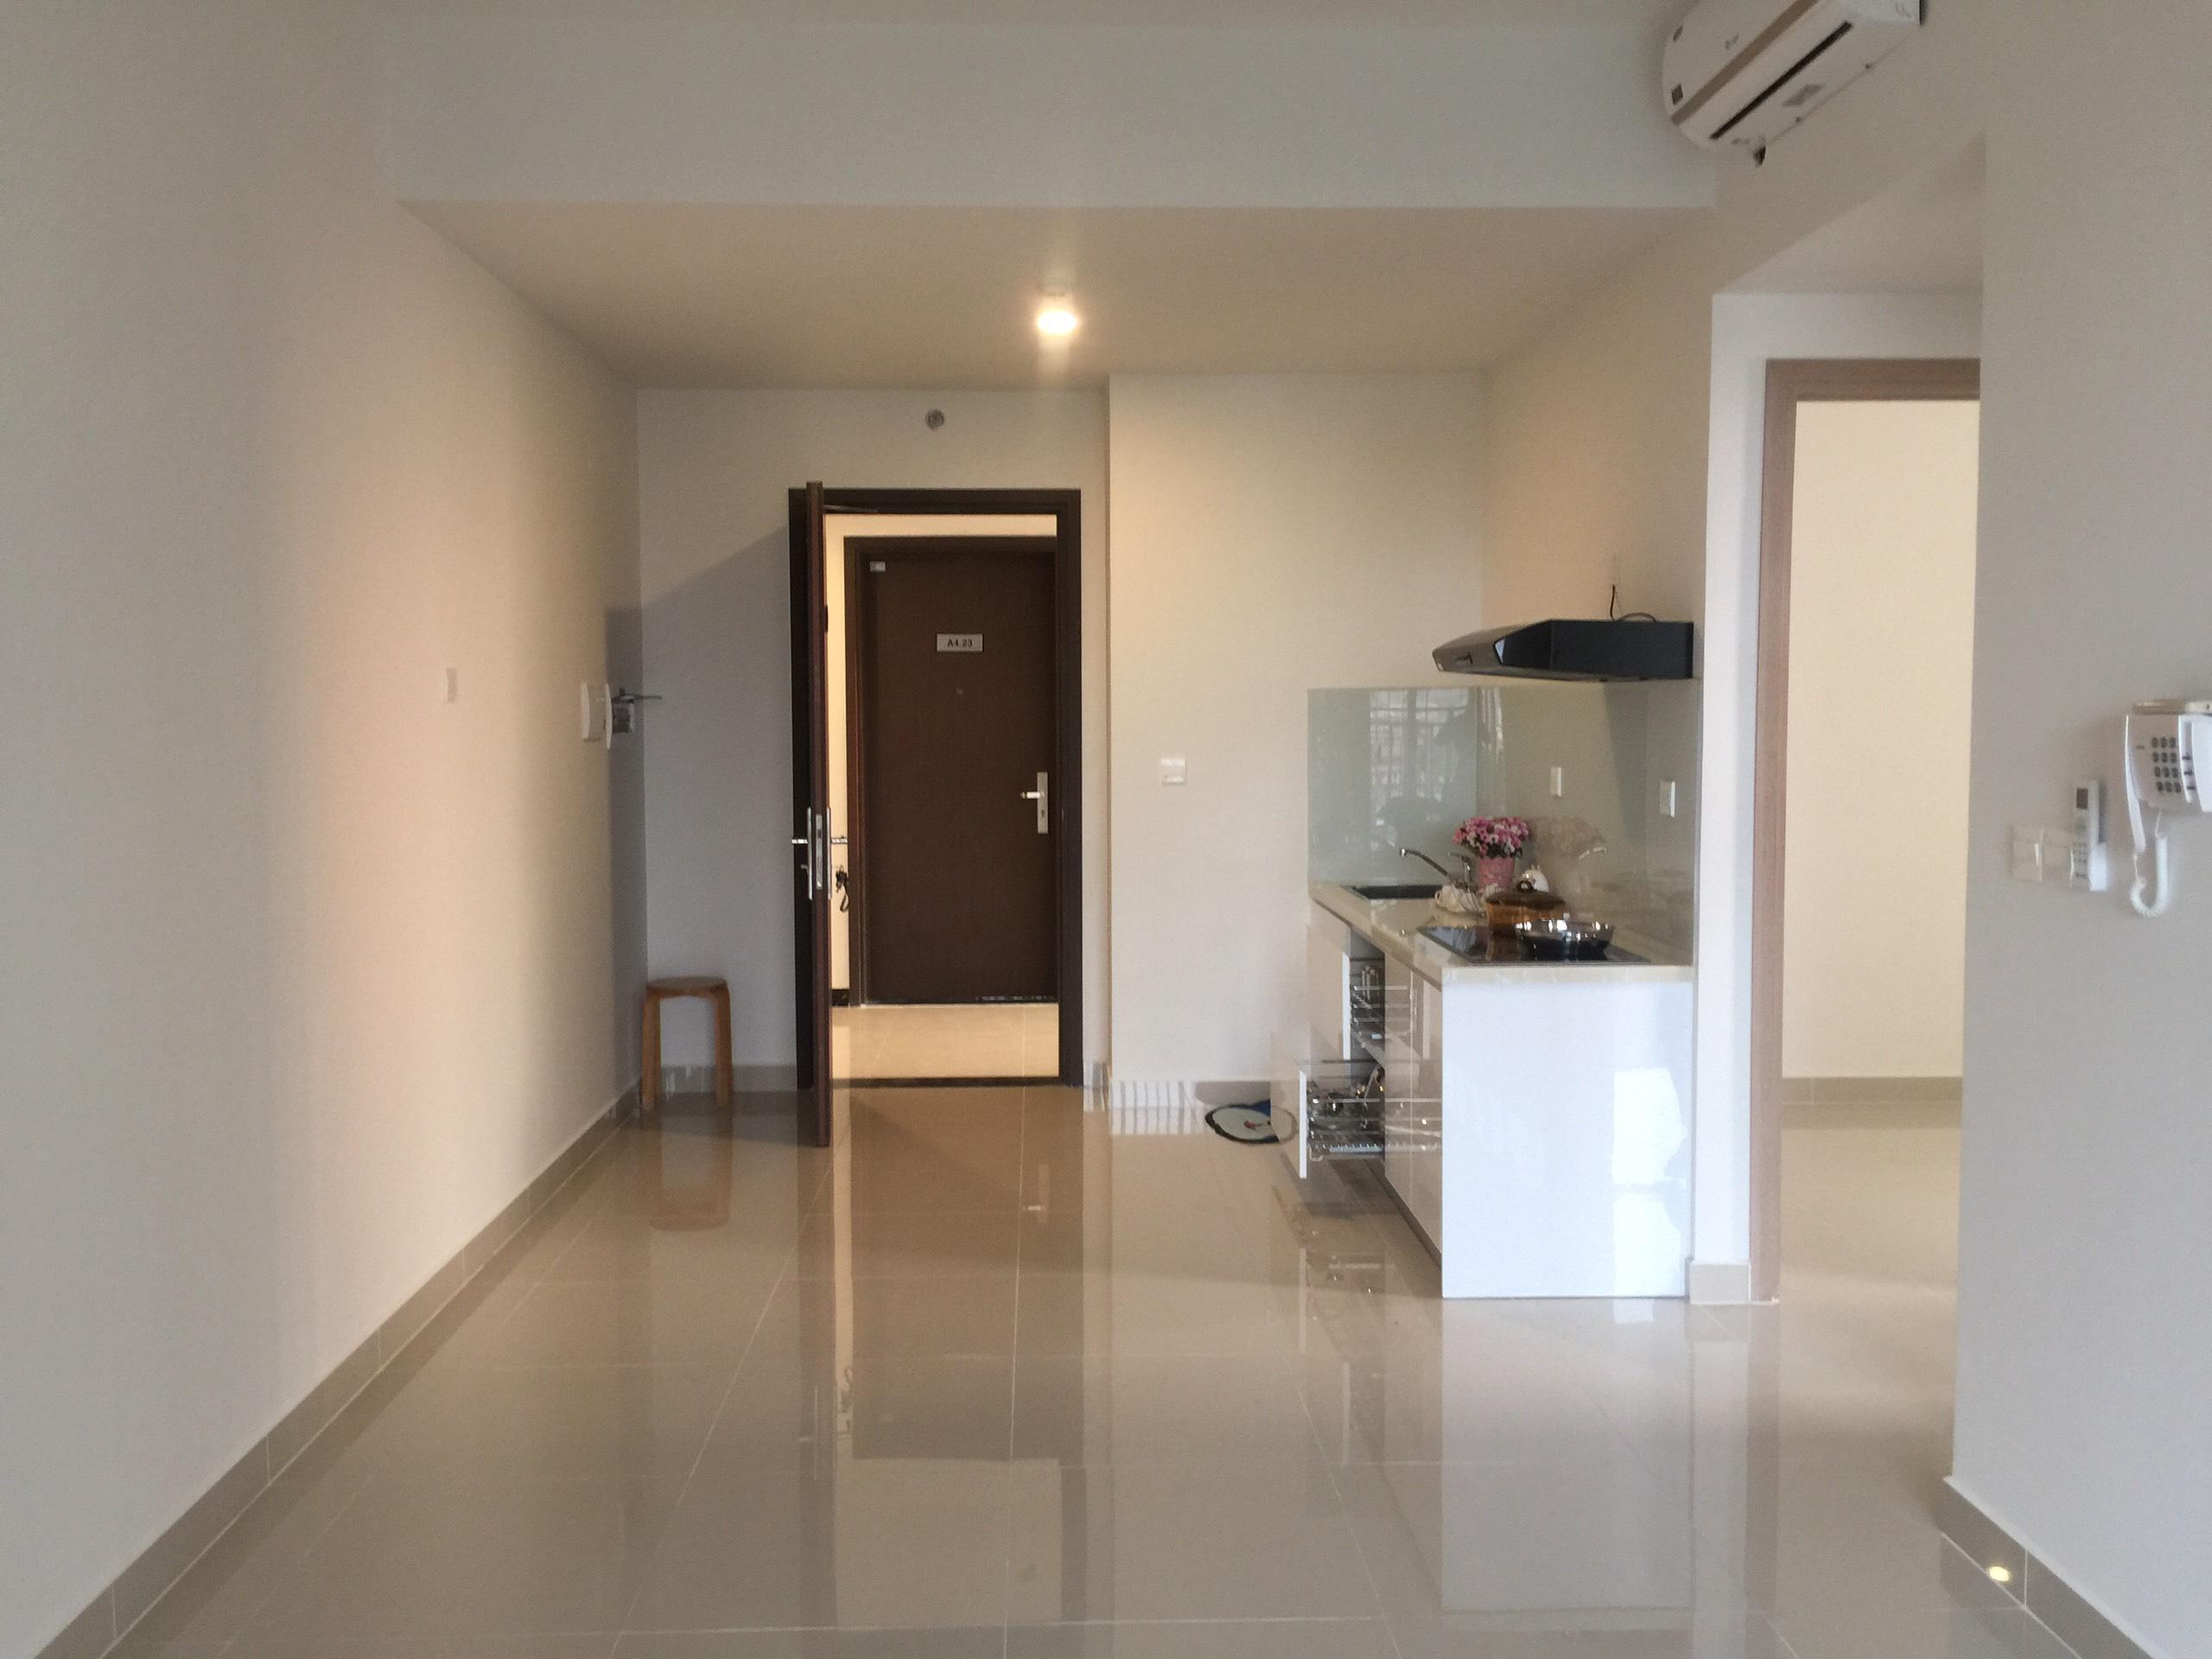 Căn hộ Officetel Sunrise Cityview làm Văn phòng đã chia làm 2 phòng - ID 010017